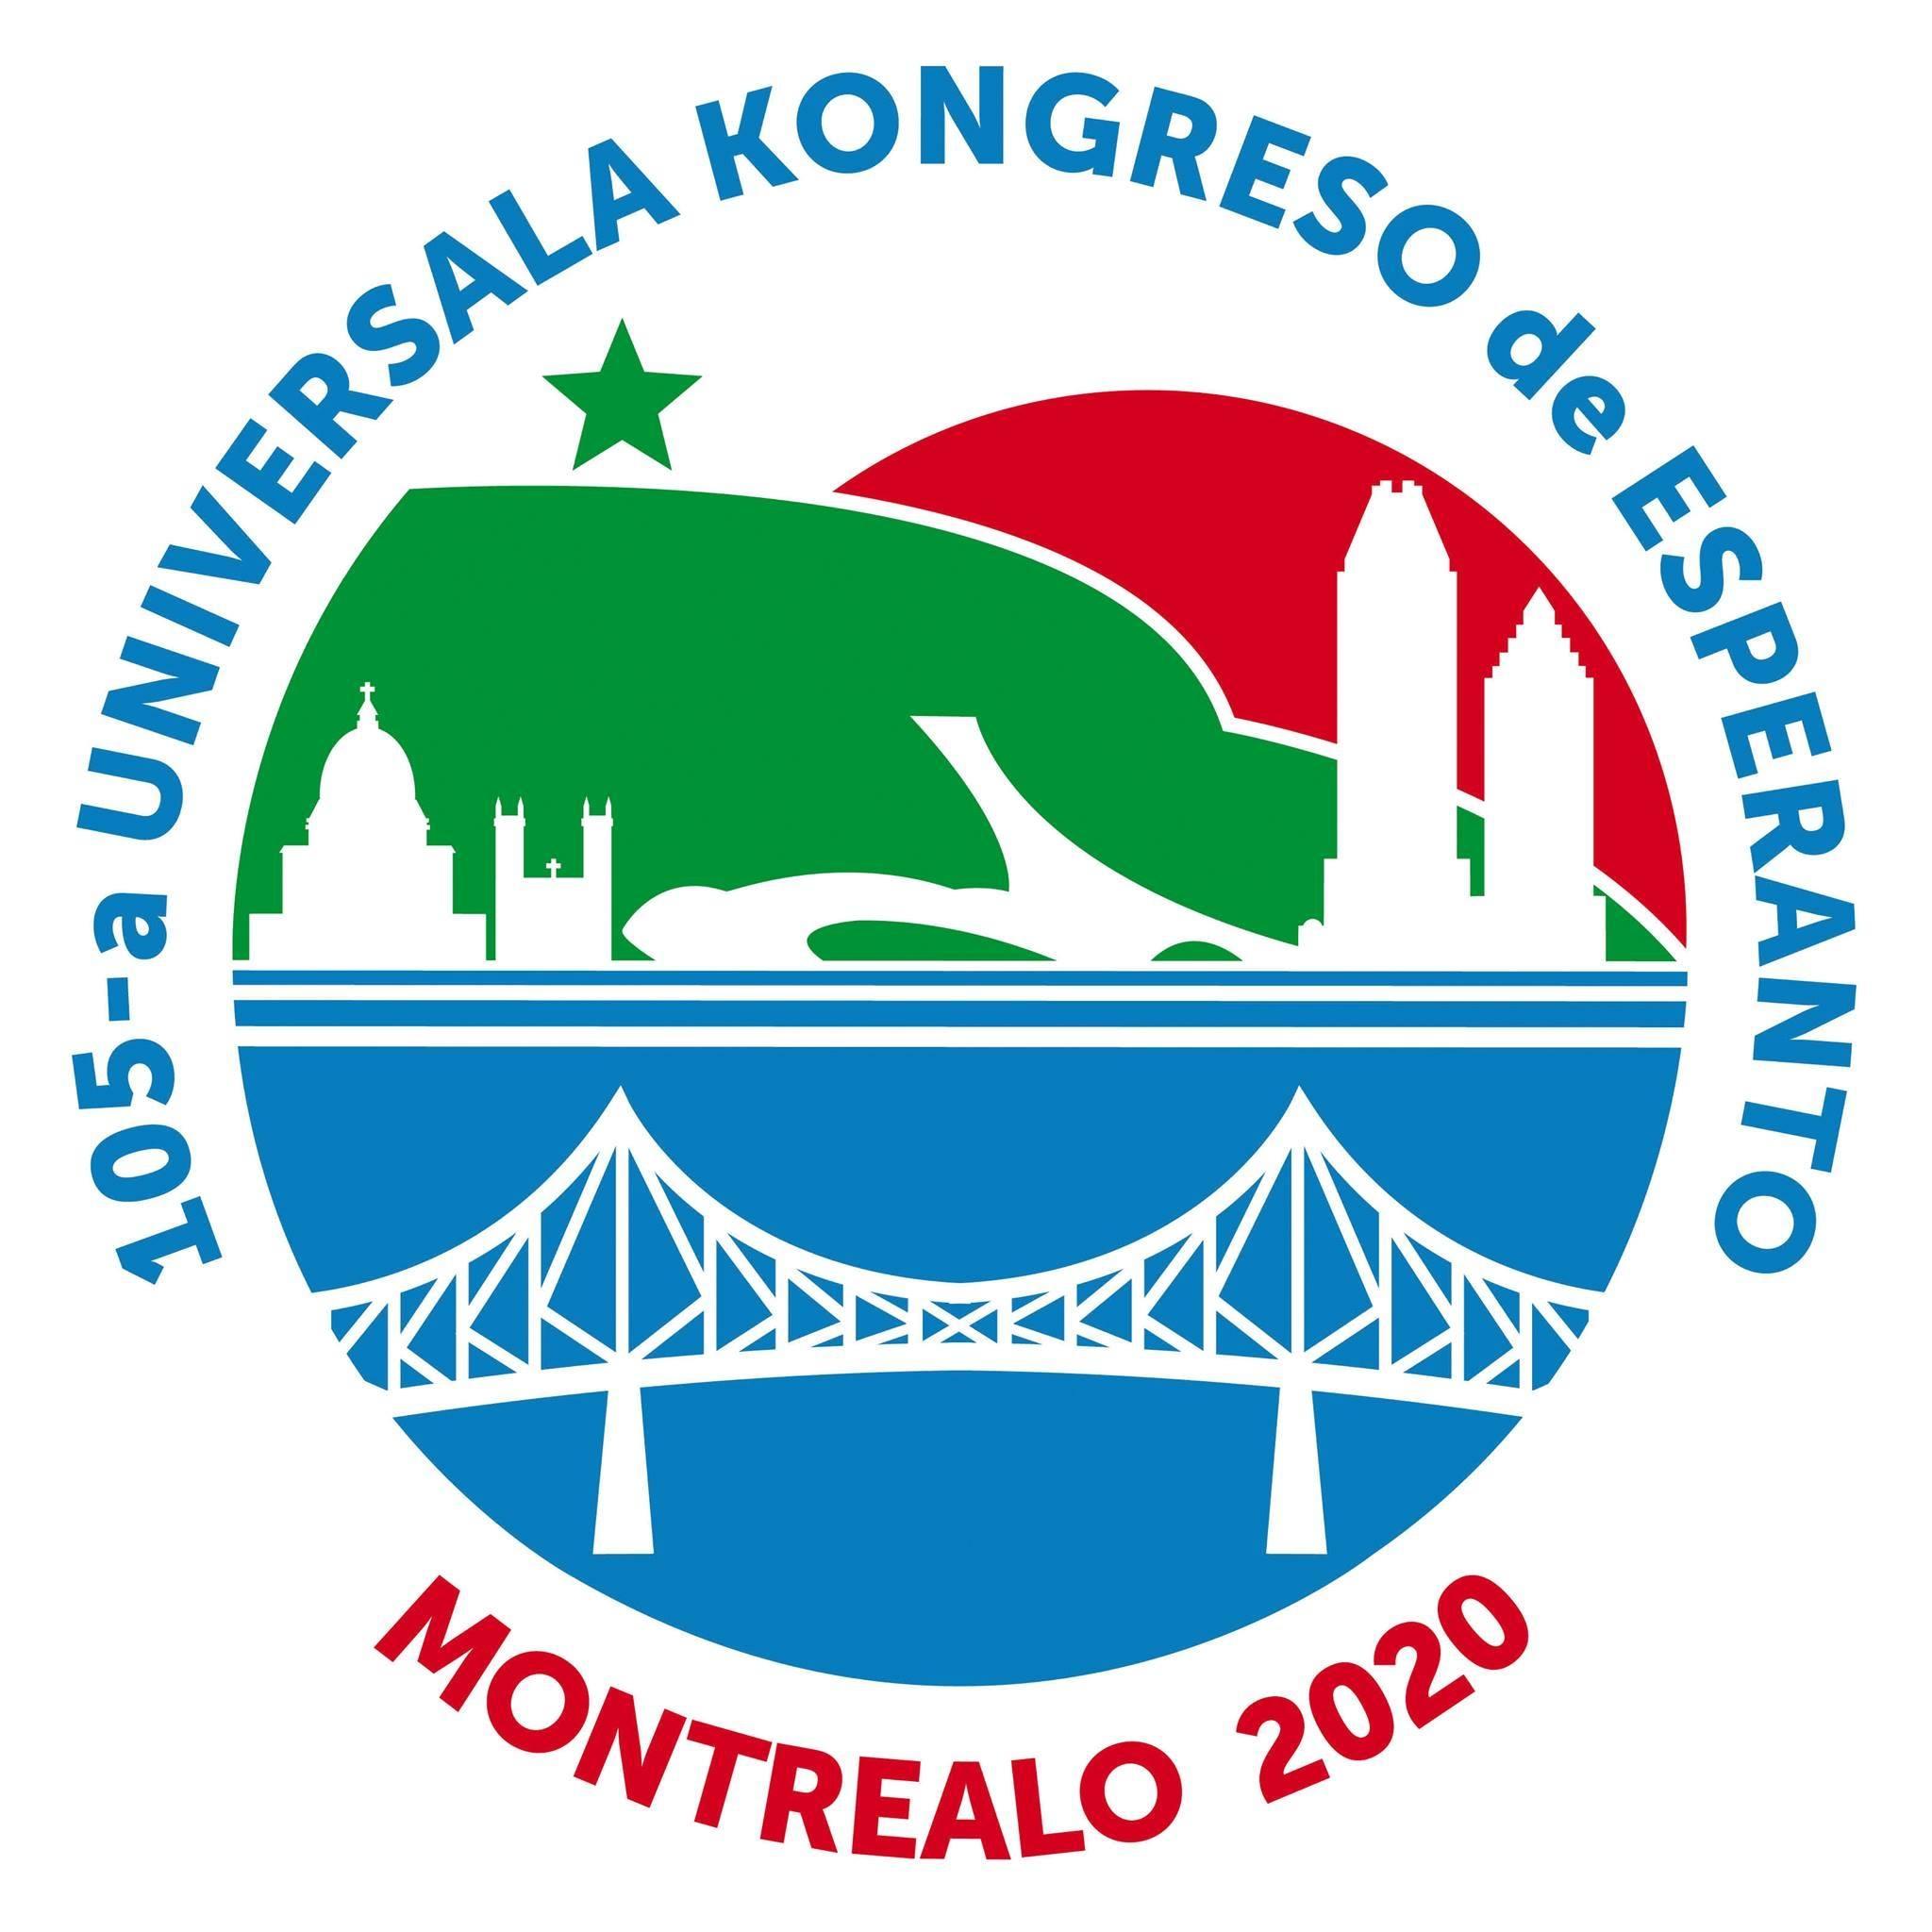 Congrès mondial 2020